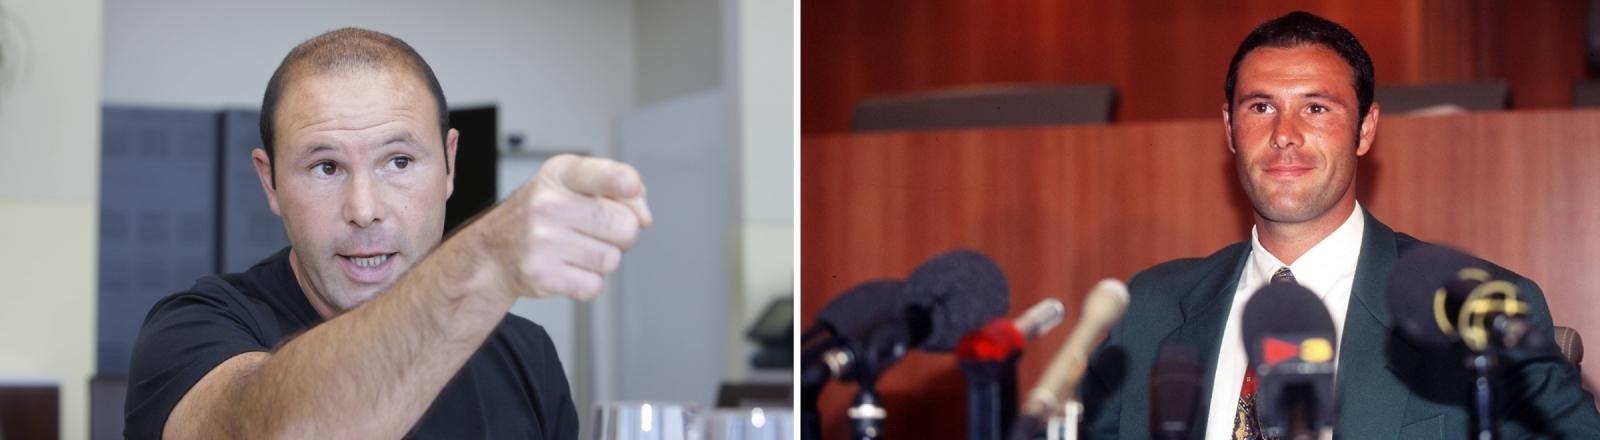 Jean-Marc Bosman 2008 und nach der Urteilsverkündung des EuGH zu seinen Gunsten am 15.12.1995